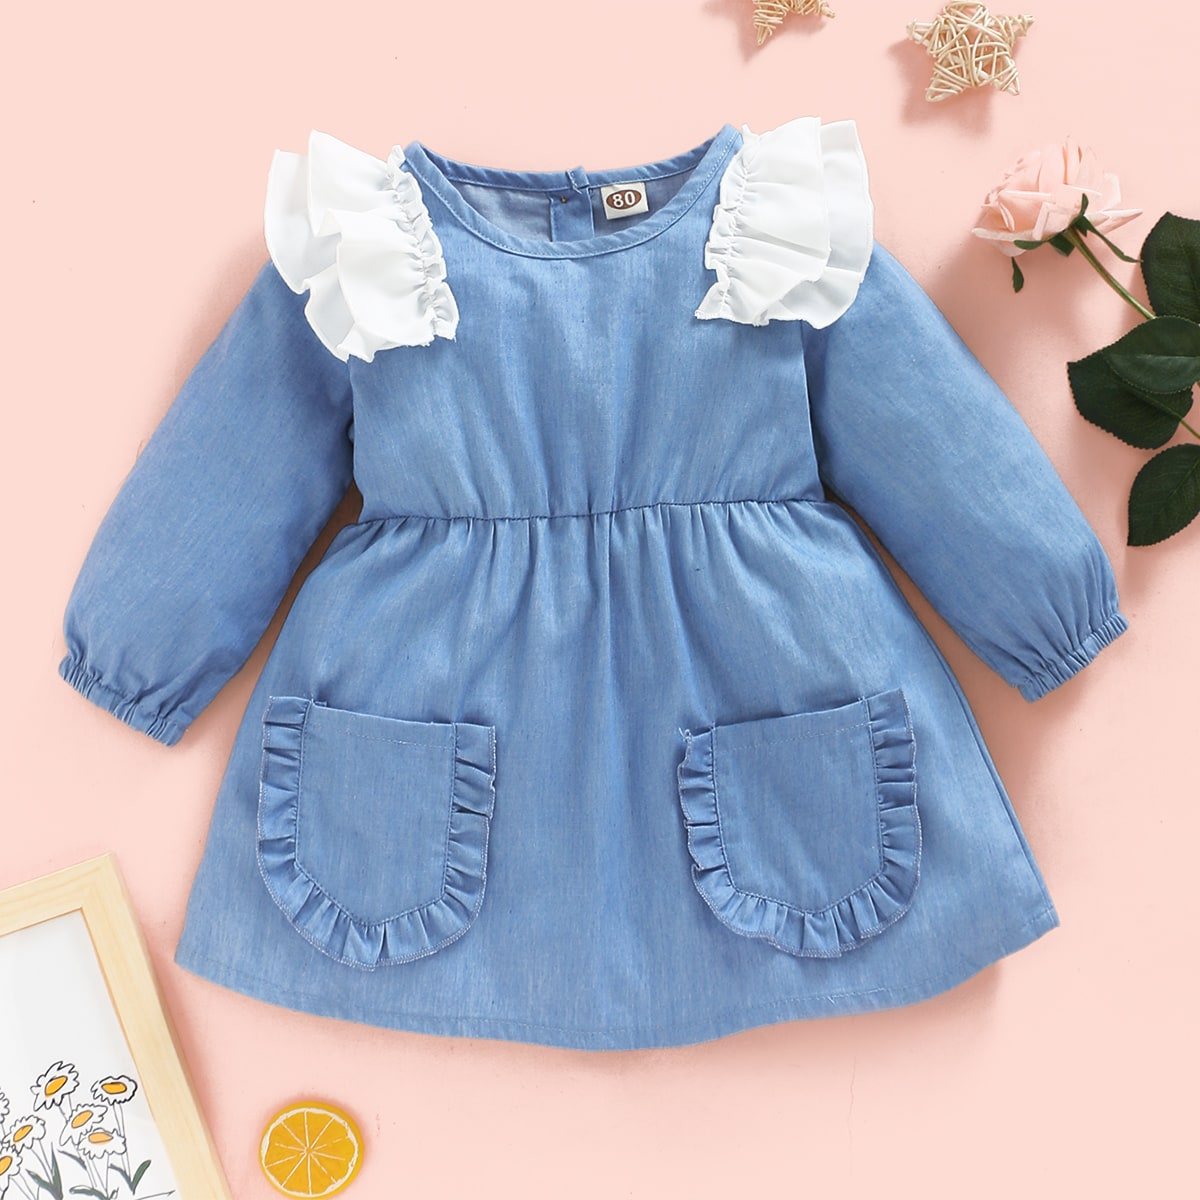 Джинсовое платье с двумя карманами и оборками для девочек от SHEIN